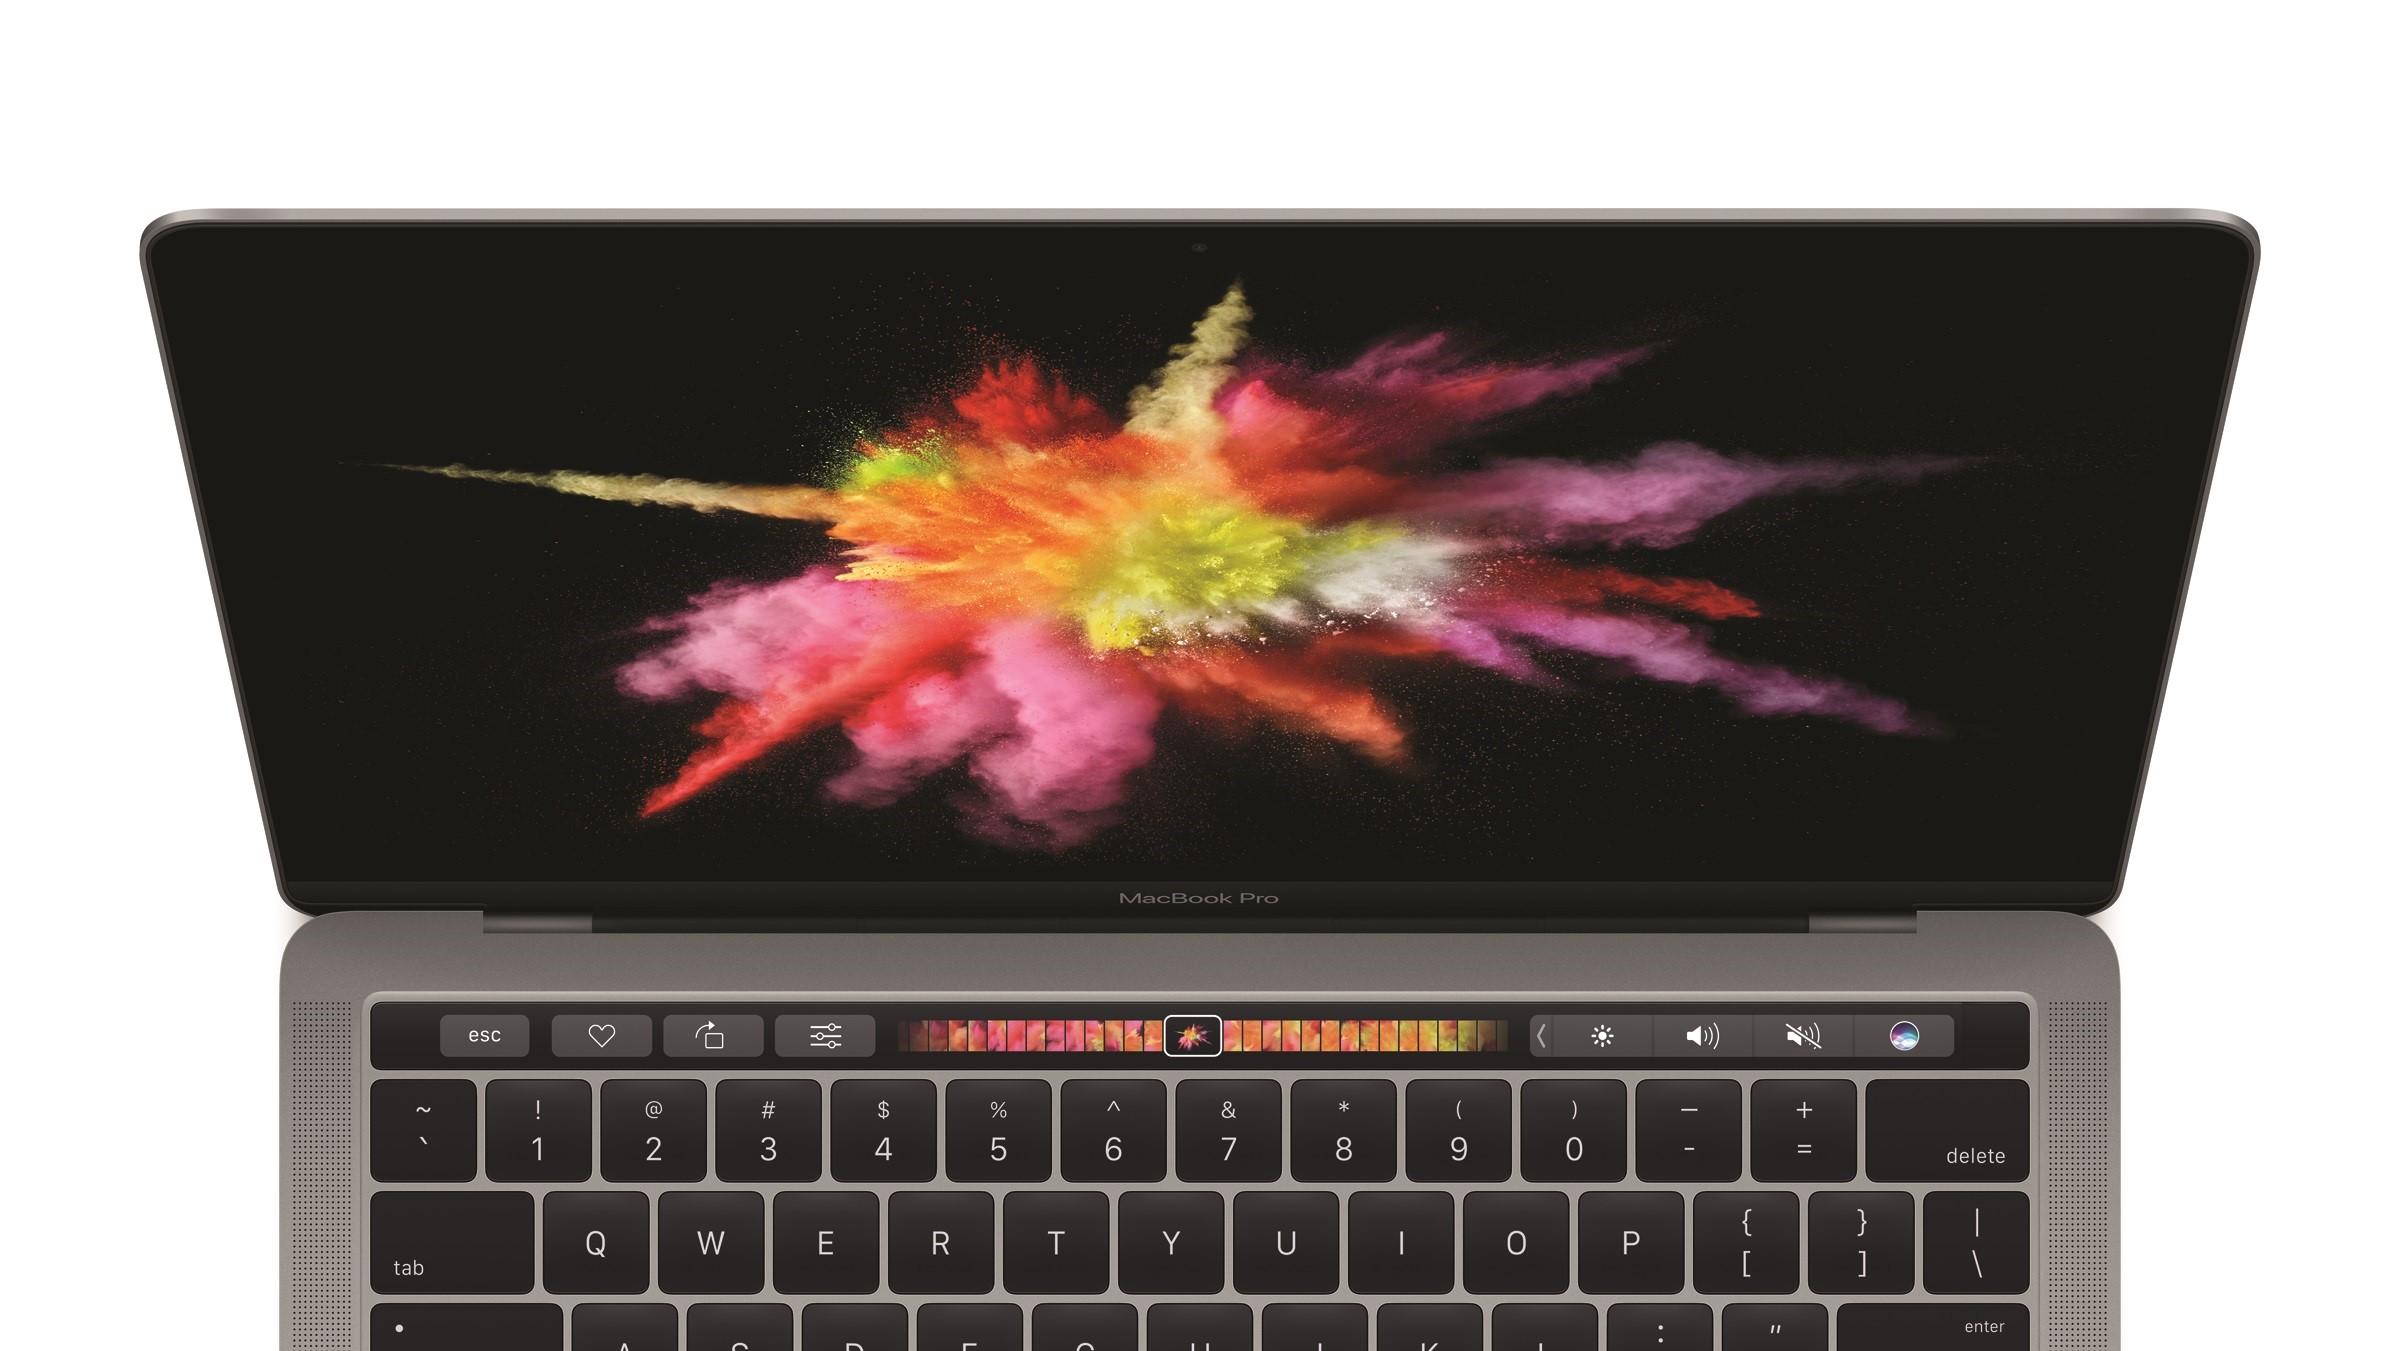 Flere brukere har problemer med MacBook Pro-tastaturet.